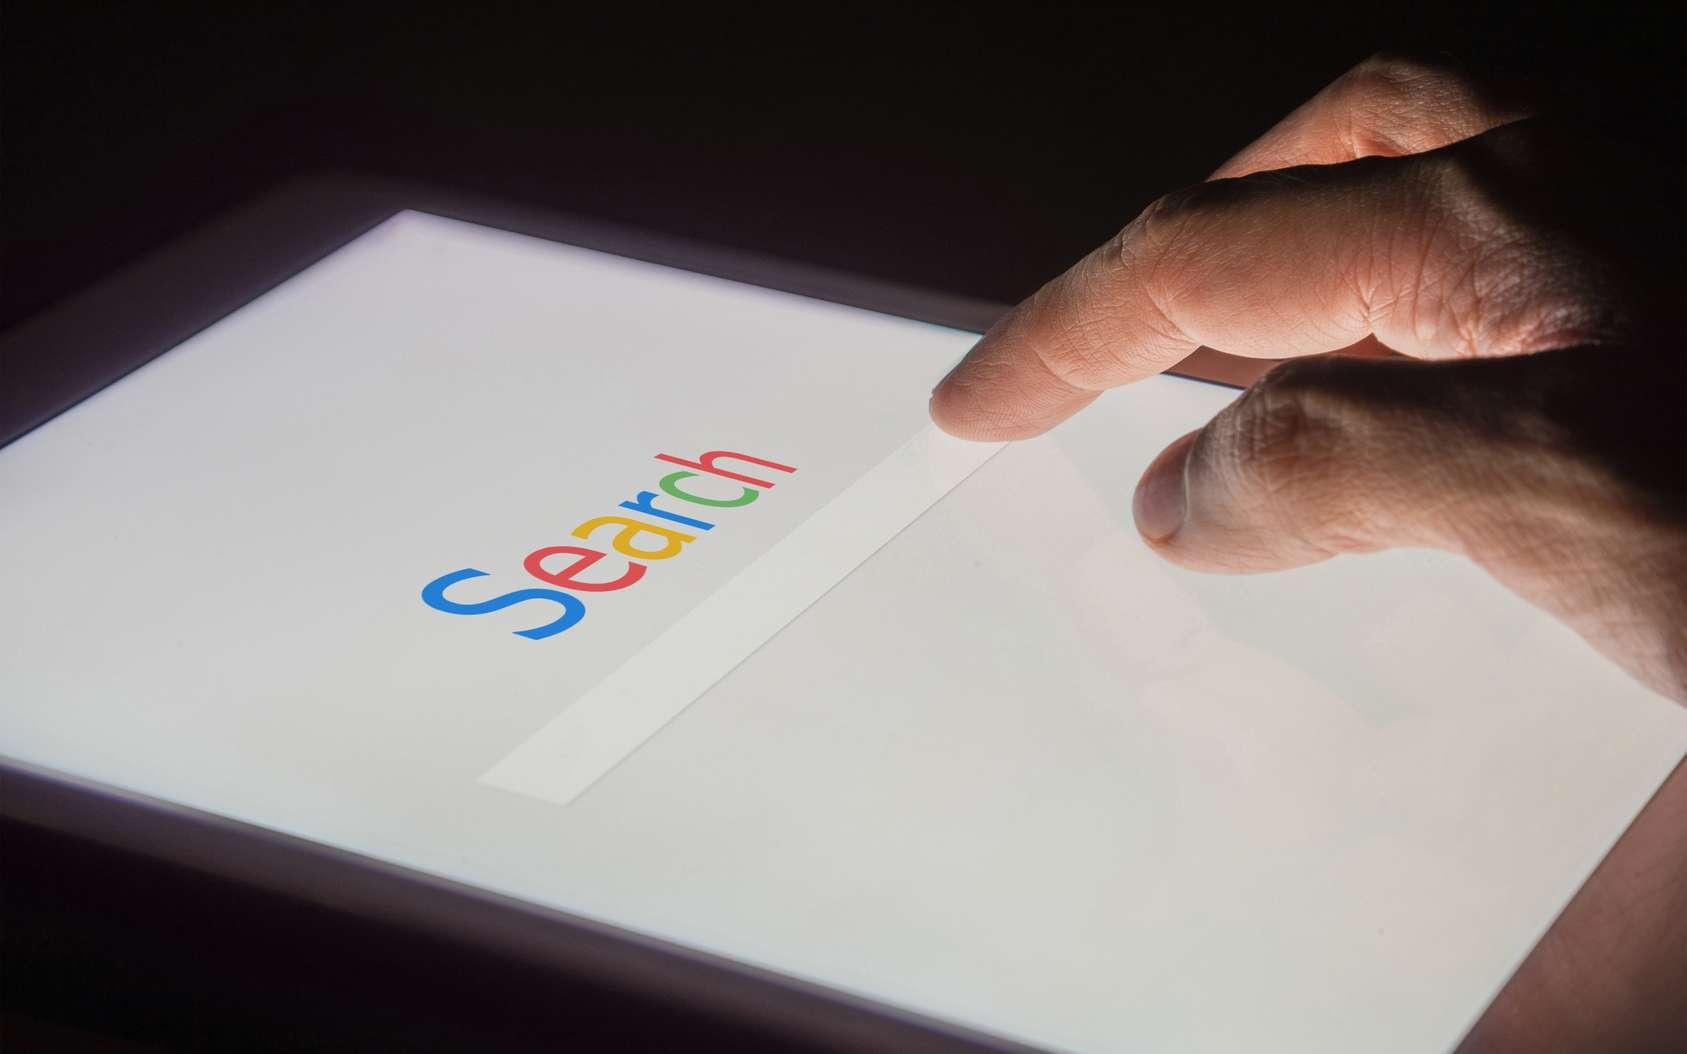 Les recherches sur Google. © silvabom, Fotolia